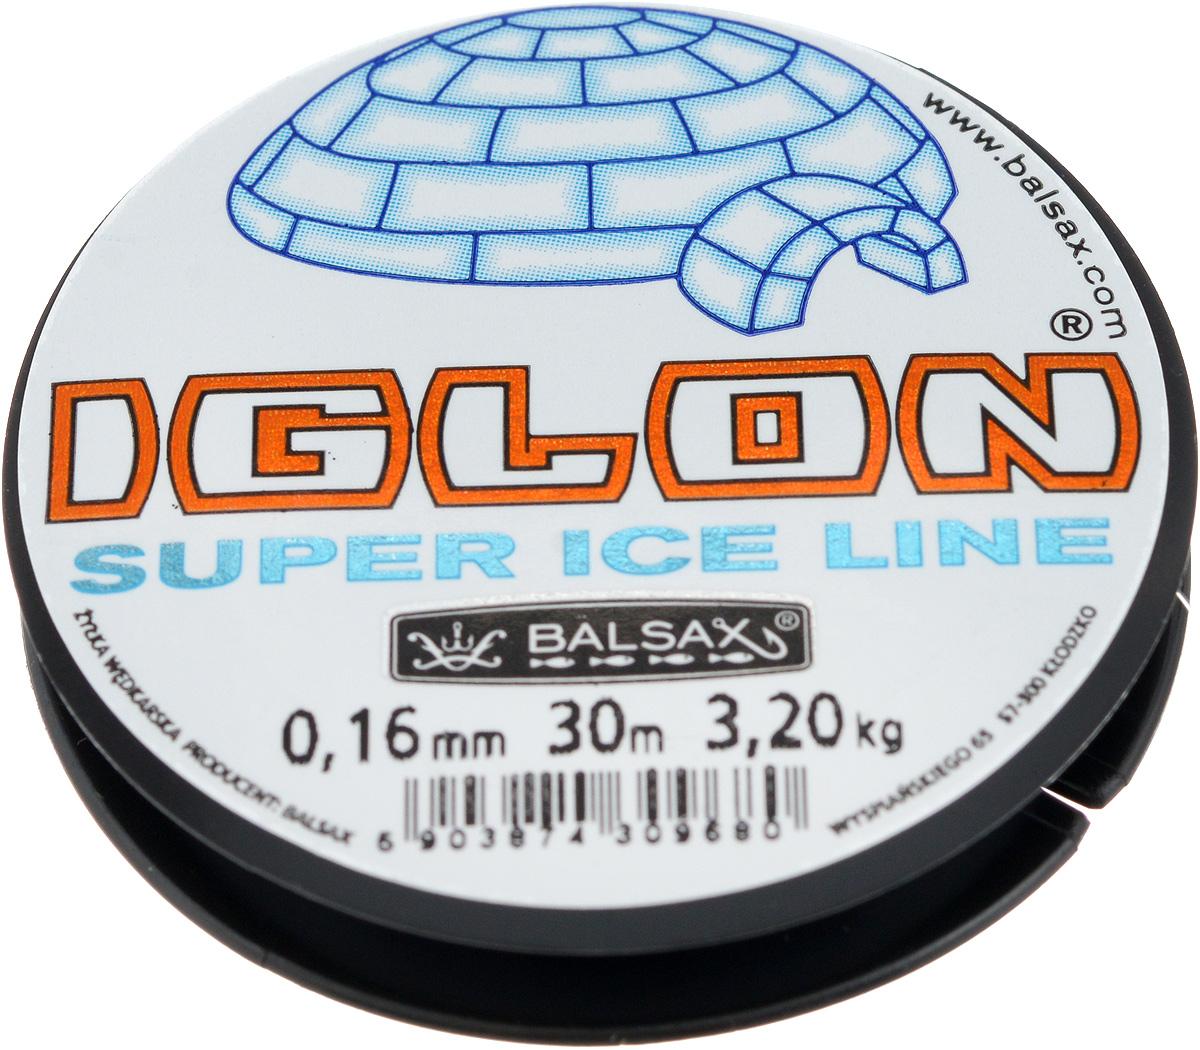 Леска зимняя Balsax Iglon, 30 м, 0,16 мм, 3,2 кг312-06016Леска Balsax Iglon изготовлена из 100% нейлона и очень хорошо выдерживаетнизкие температуры. Даже в самом холодном климате, при температуре вплотьдо -40°C, она сохраняет свои свойствапрактически без изменений, в то время как традиционные лески становятся менееэластичными и теряют прочность. Поверхность лески обработана таким образом, что она не обмерзает и отличноподходит для подледного лова. Прочна вместах вязки узлов даже при минимальном диаметре.